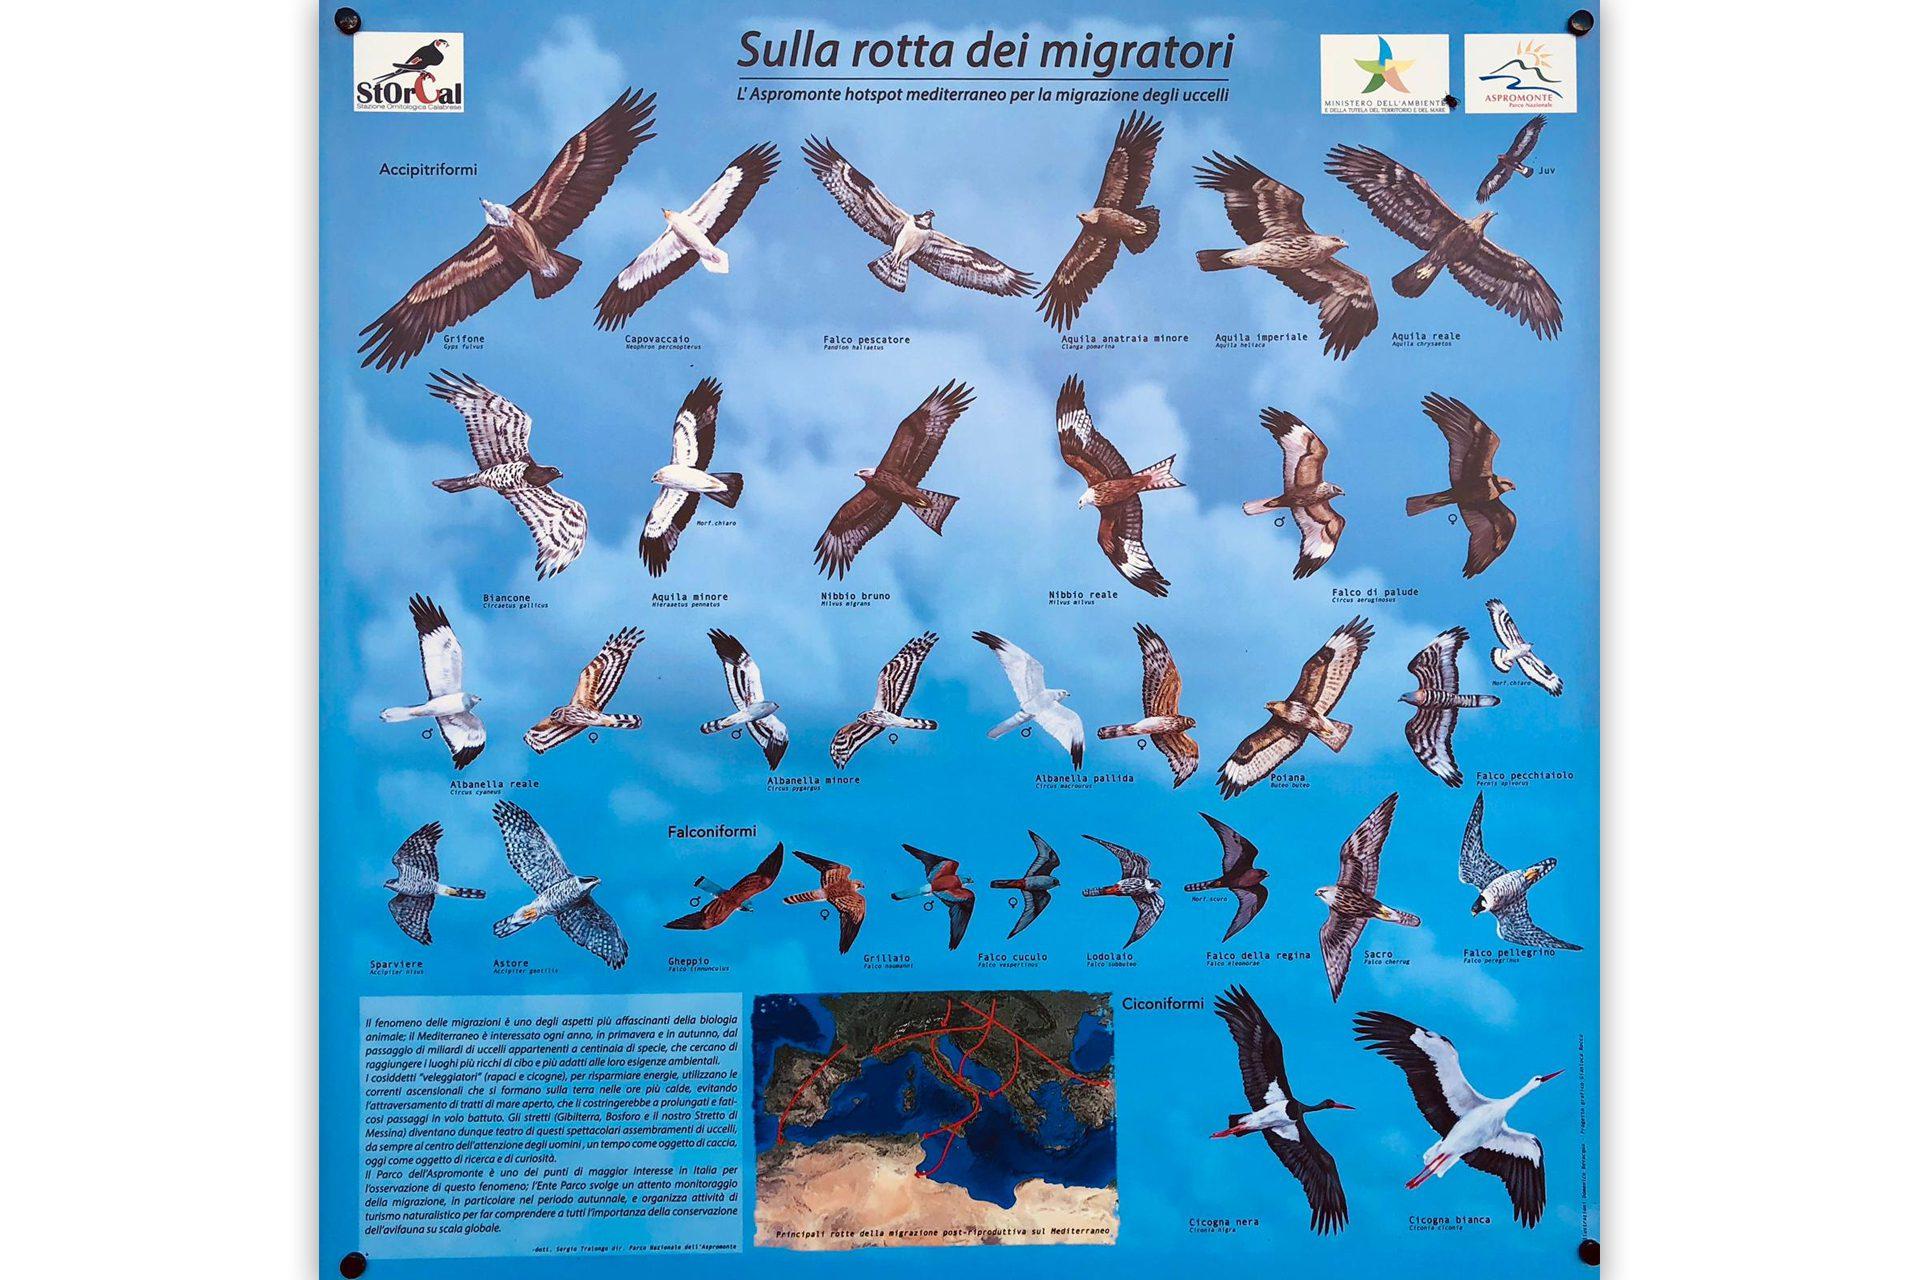 pannello_sulla rotta dei migratori_2_Storcal